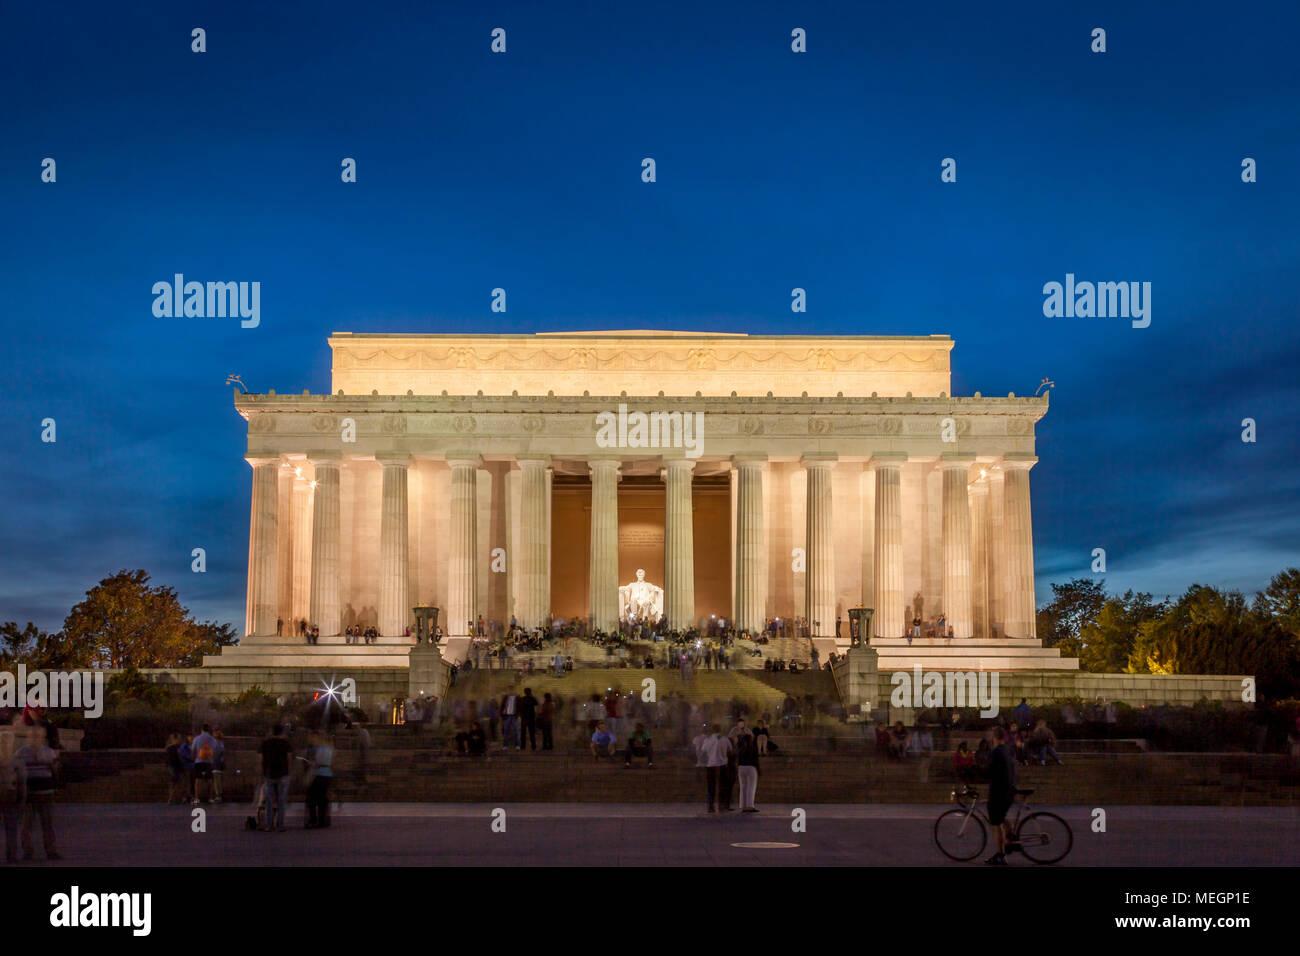 Los turistas en el Monumento a Lincoln, en penumbra, Washington, DC, EE.UU. Imagen De Stock